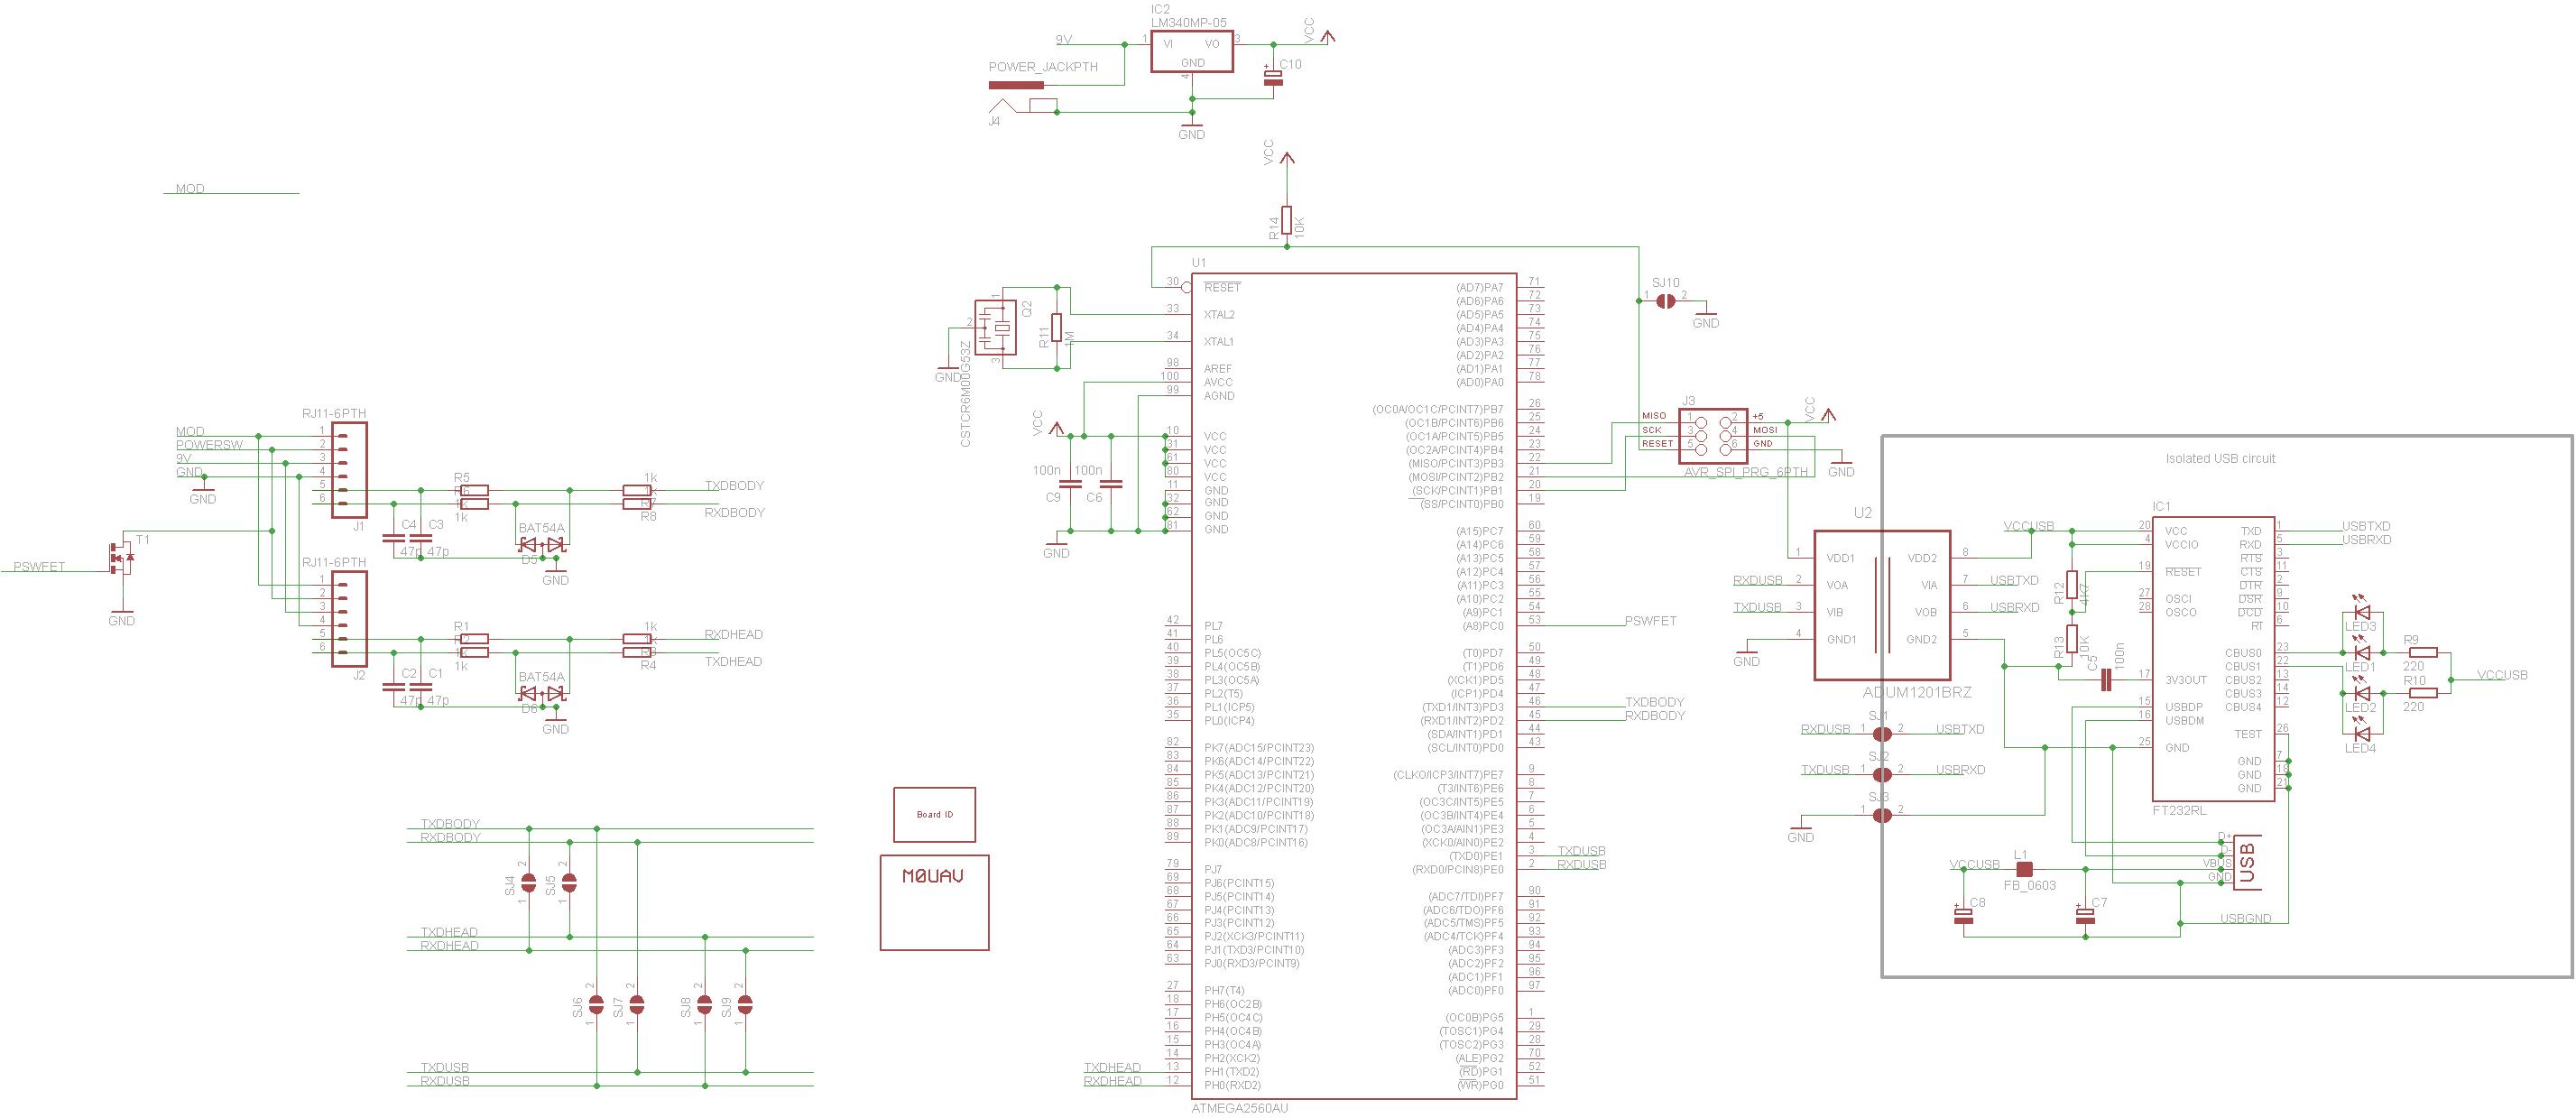 Ft Interface Unit